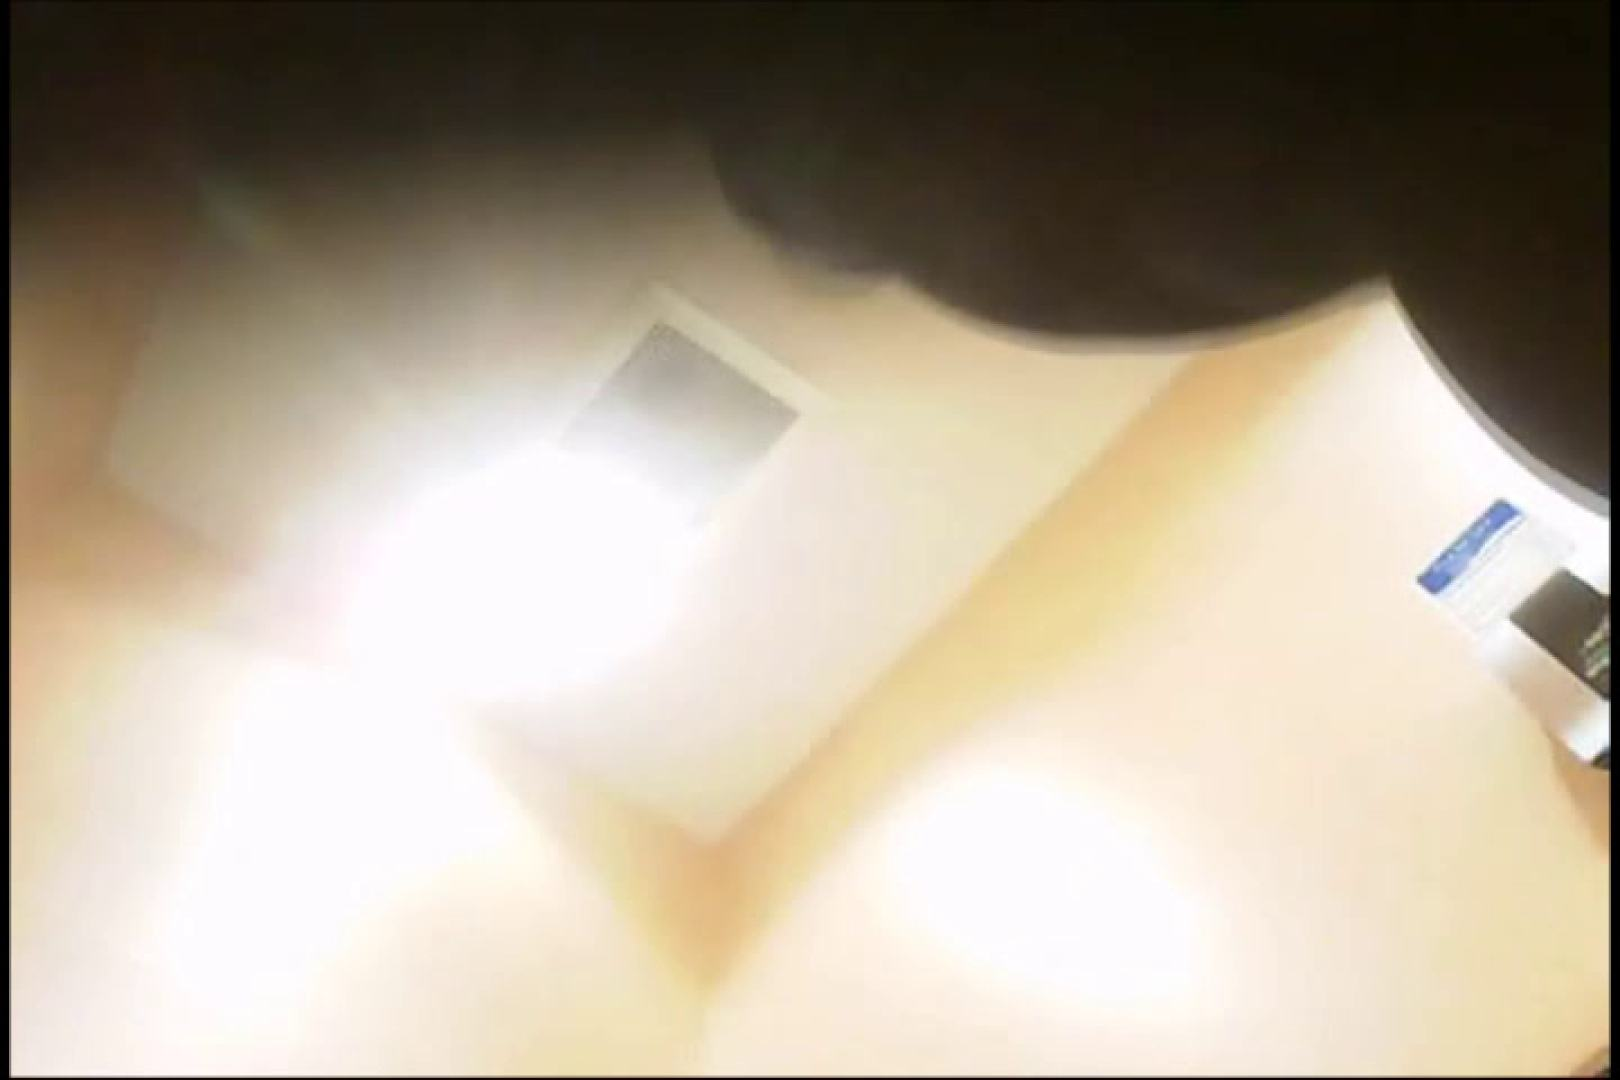 画質向上!新亀さん厠 vol.47 ギャルのマンコ おまんこ無修正動画無料 11枚 3